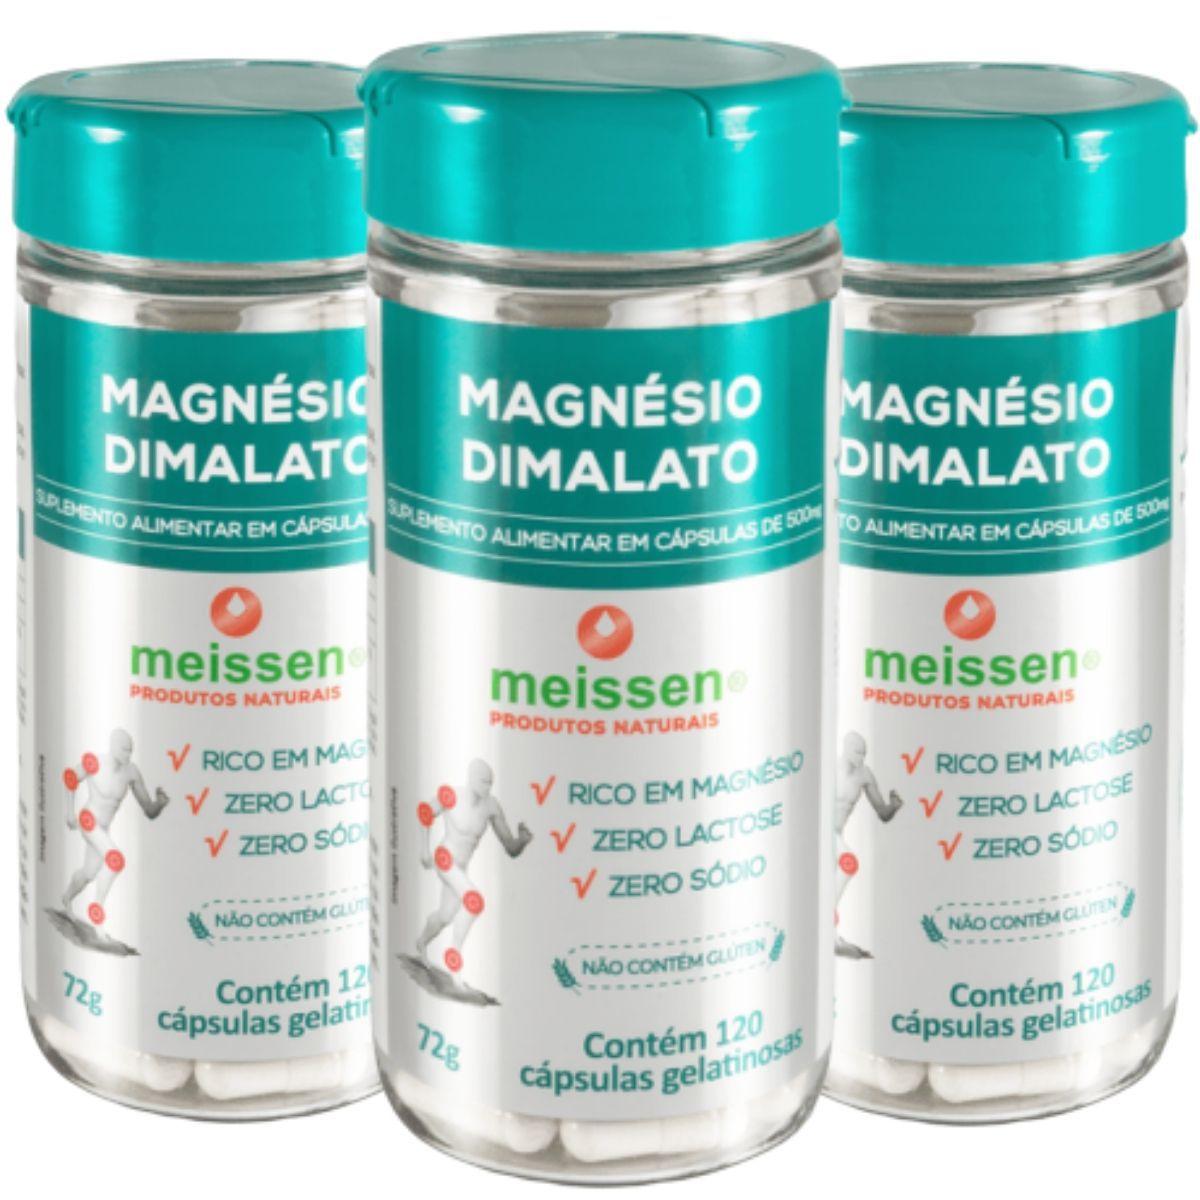 3x  Magnesio Dimalato  Puro - 360 Capsulas - 2 x Dia - Meissen